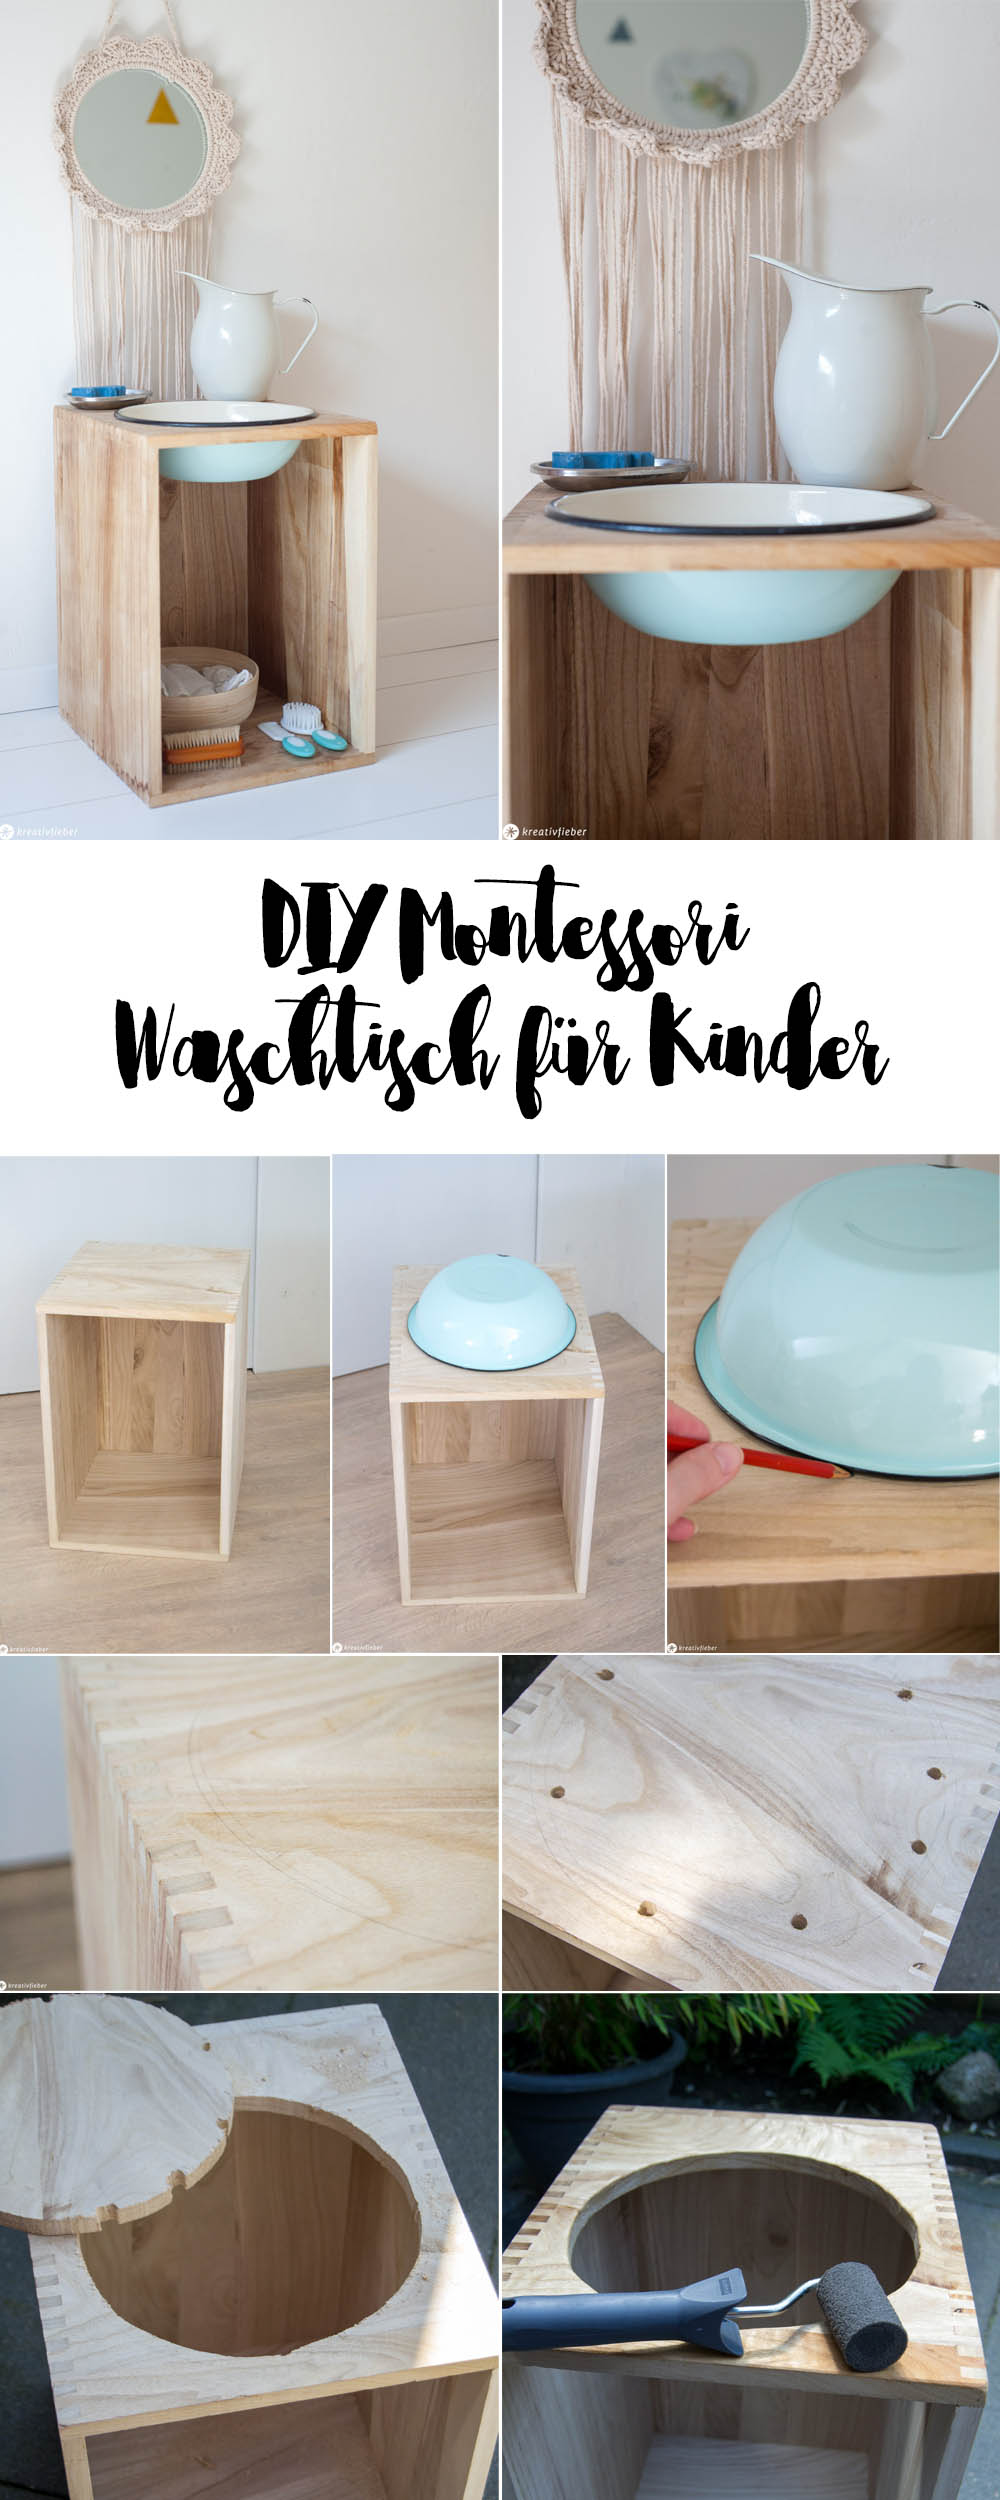 Anleitung Waschtisch für Kinder bauen, Montessori Idee